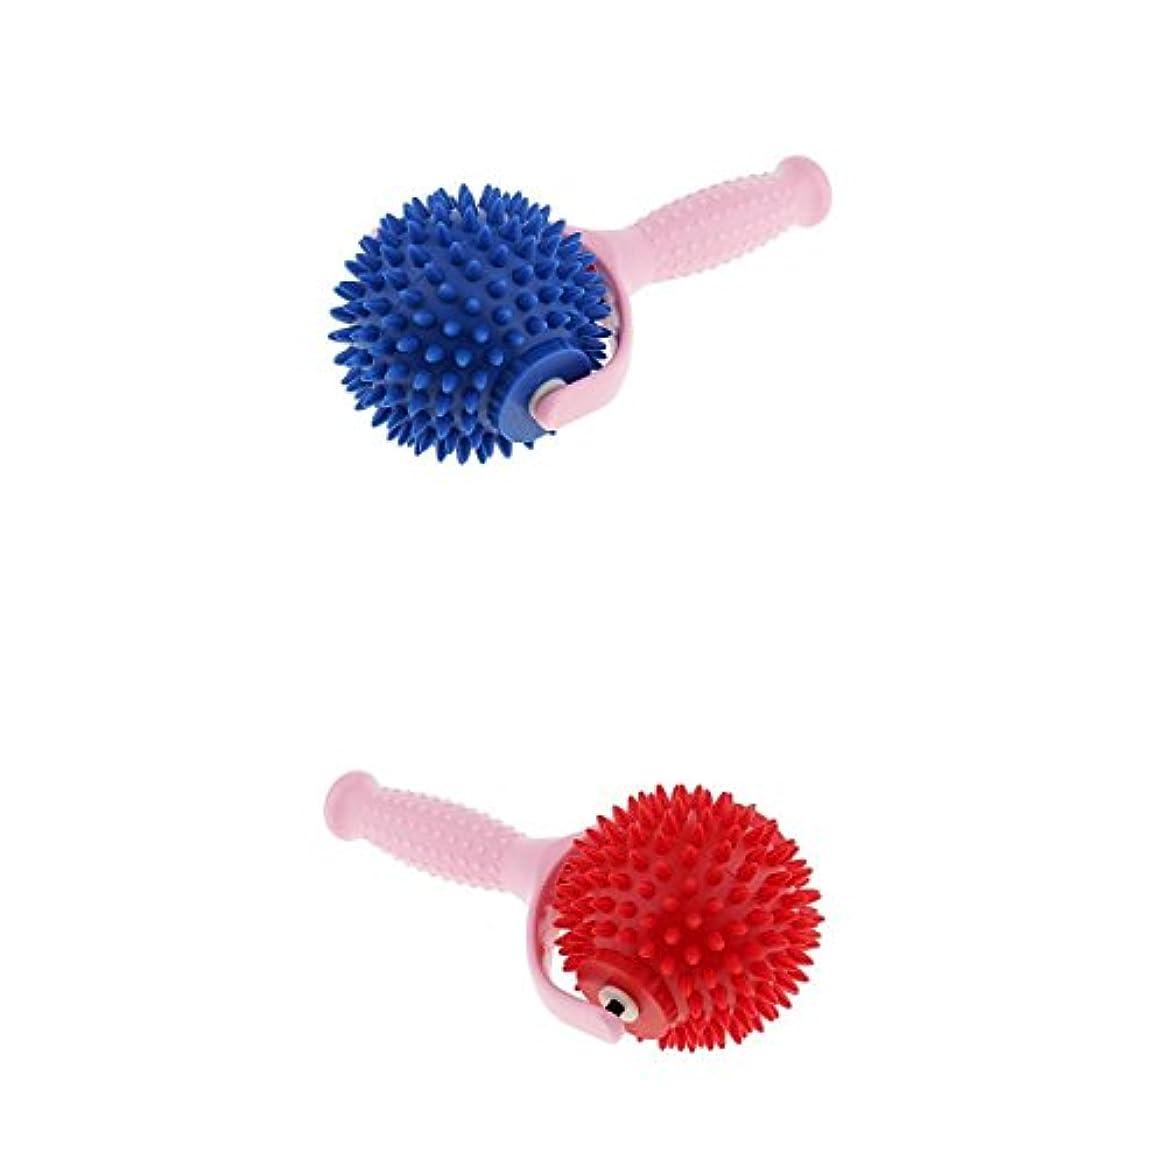 支店抽象彼のPerfk マッサージボール 手持ち式 2個セット 筋膜リリース 伝統的 鍼療法 PVCプラスチック